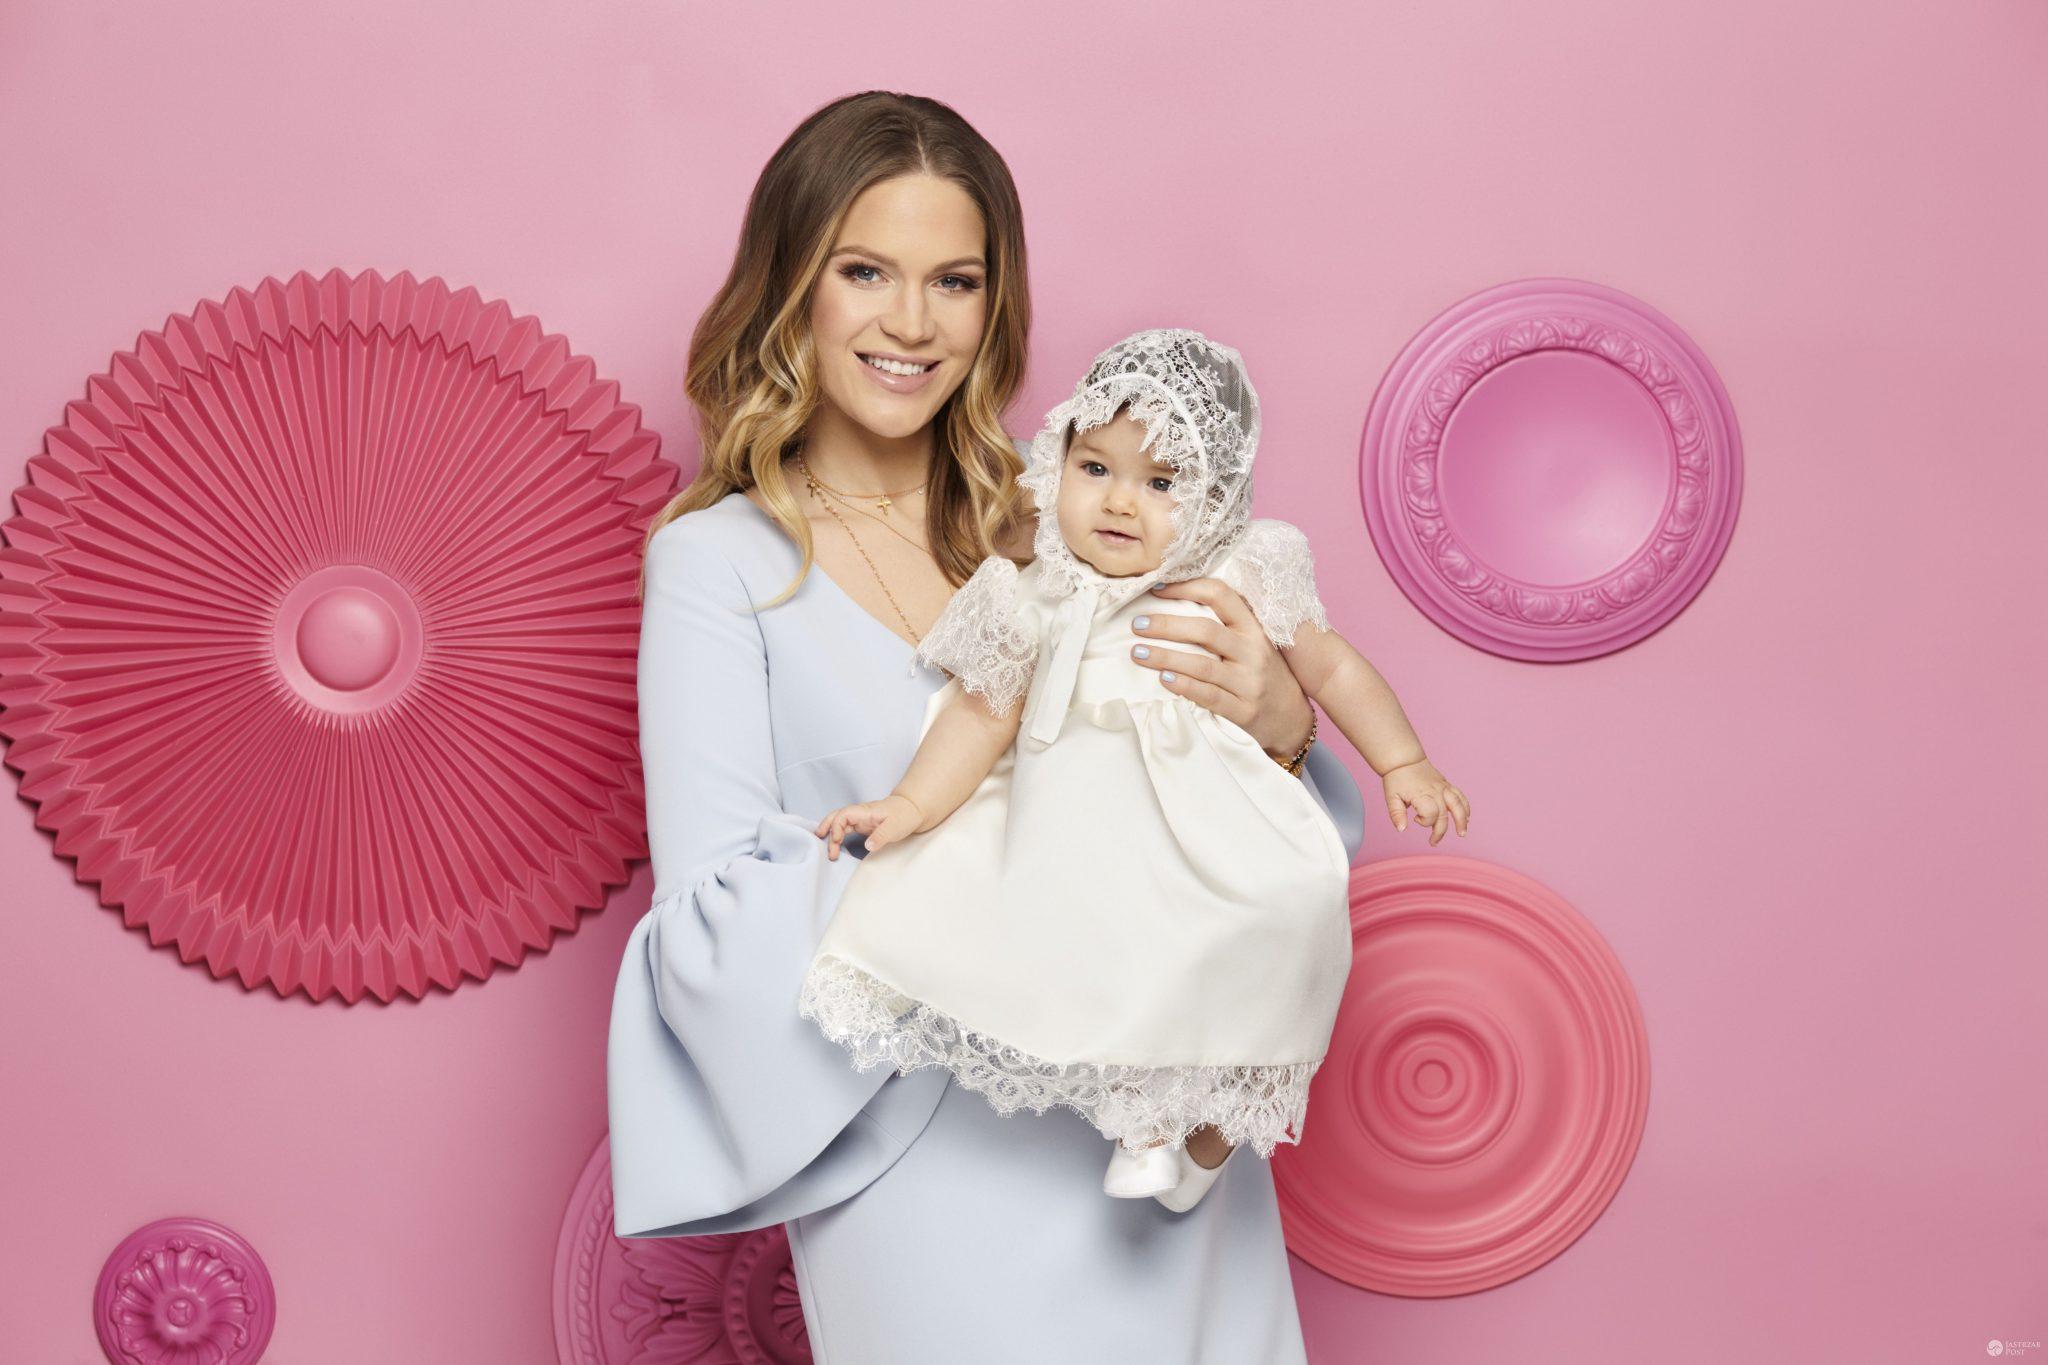 Petite Maison - kolekcja ubranek dla dzieci stworzona przez Zosię Ślotałę i Agatę Nivette